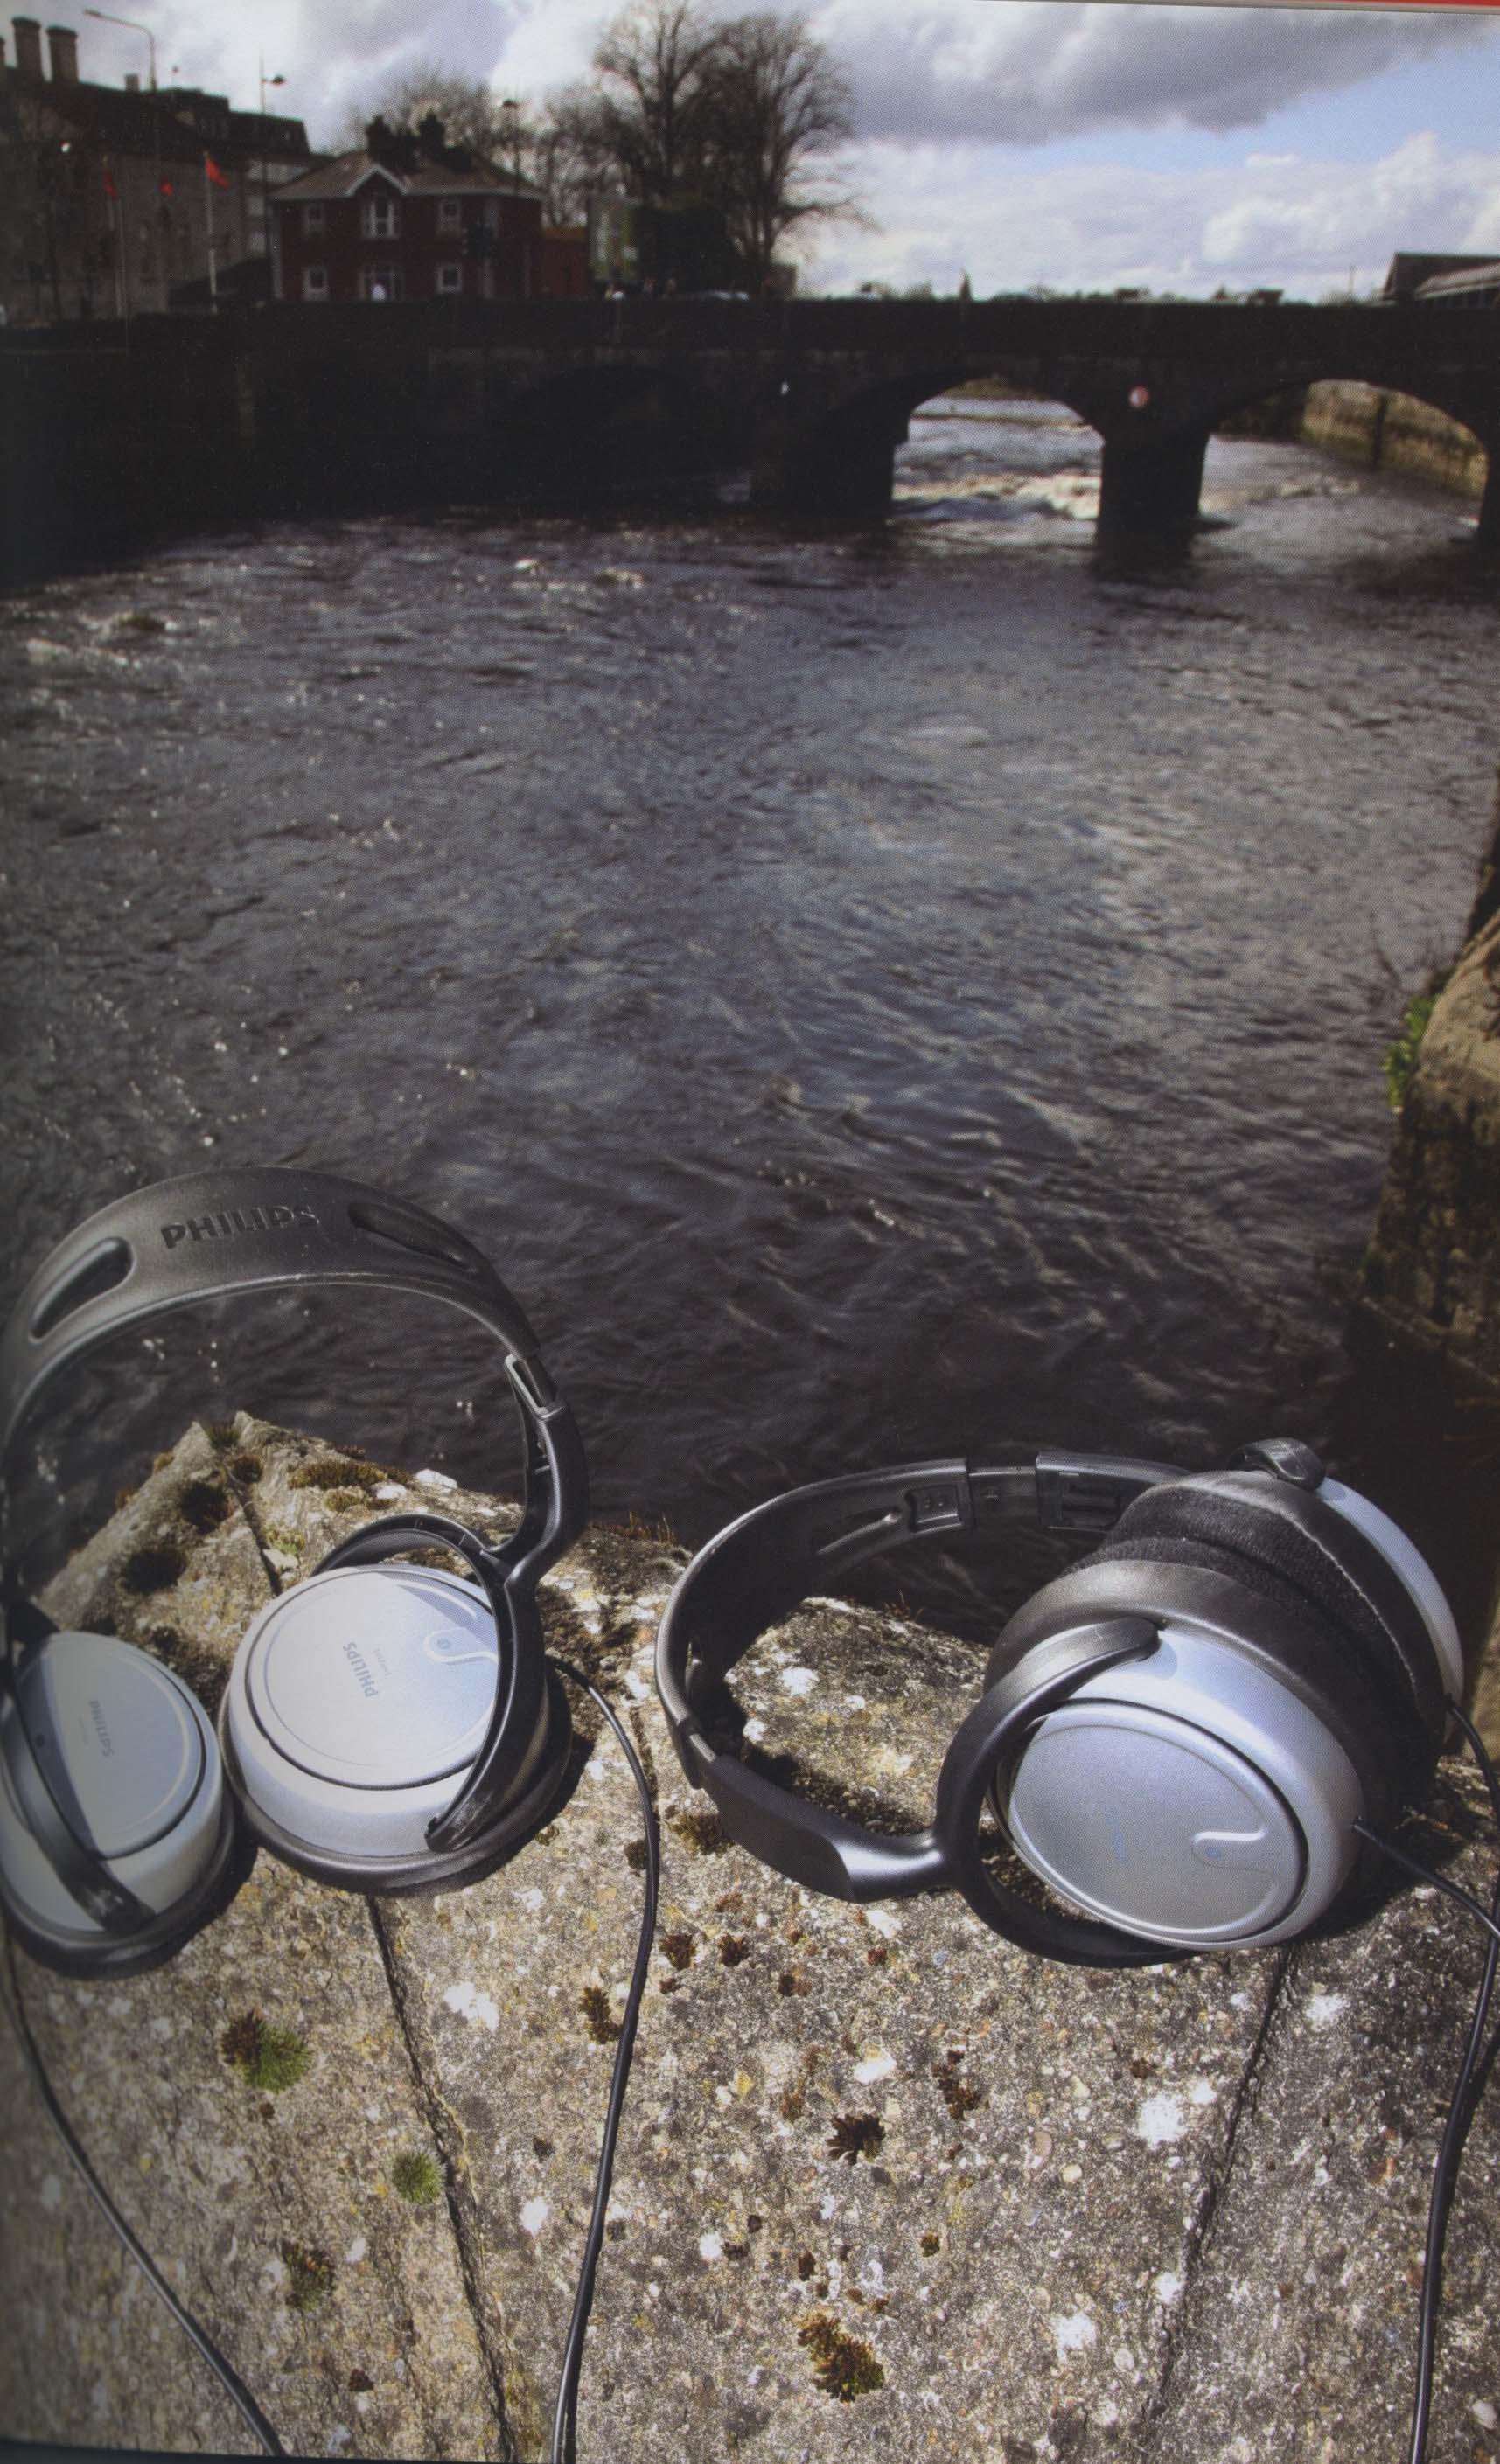 Johanna Hällsten, Babbling Brook, 2007, sound installation, 2 minutes